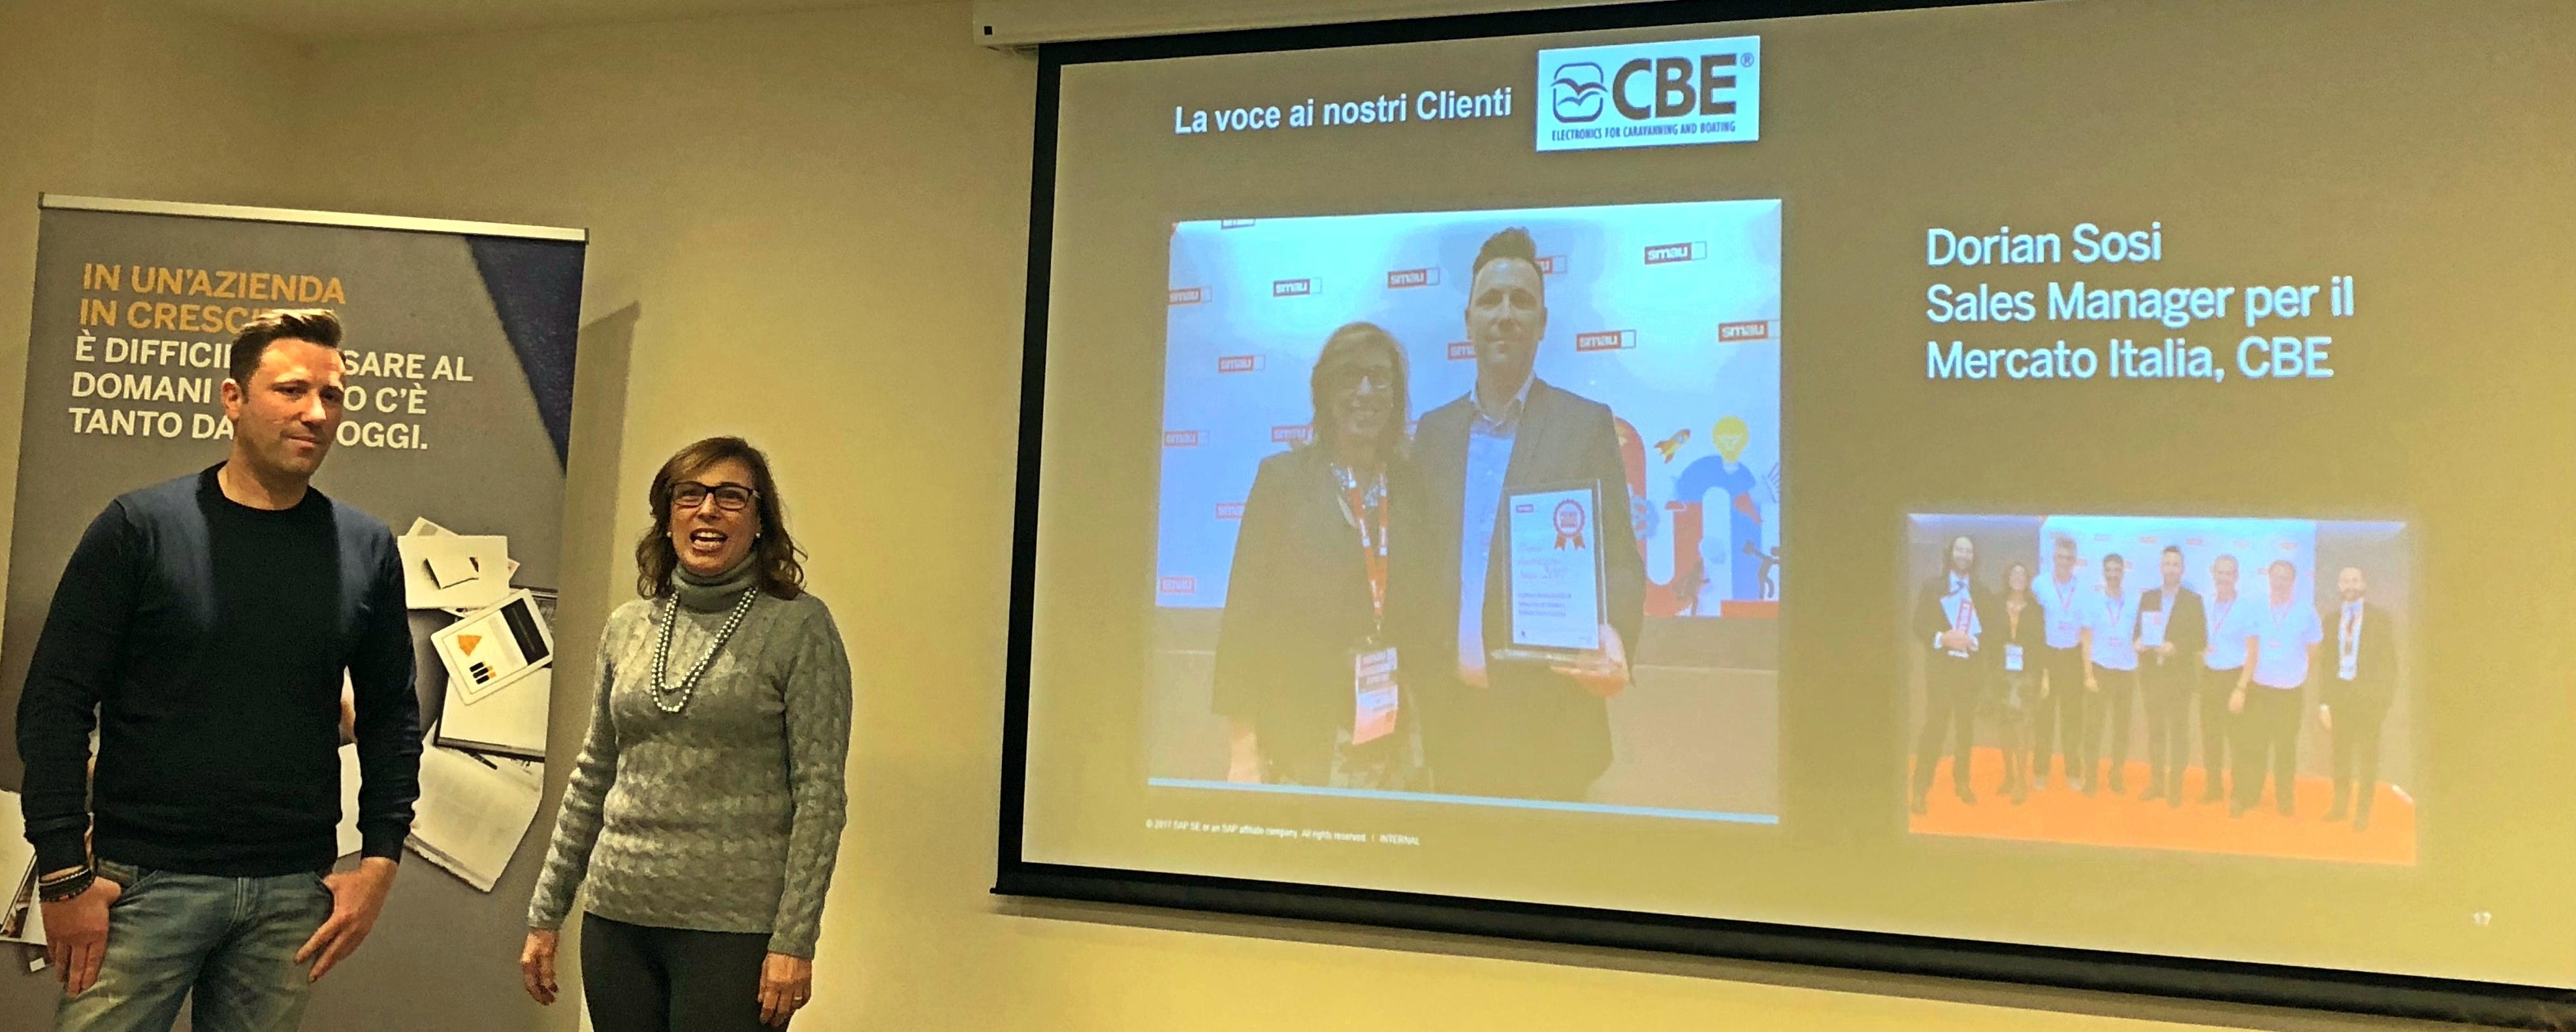 Dorian Sosi, Sales Manager per il mercato Italia di CBE insieme a Tiziana Del Vecchio, Channel Sales Manager SAP Business One